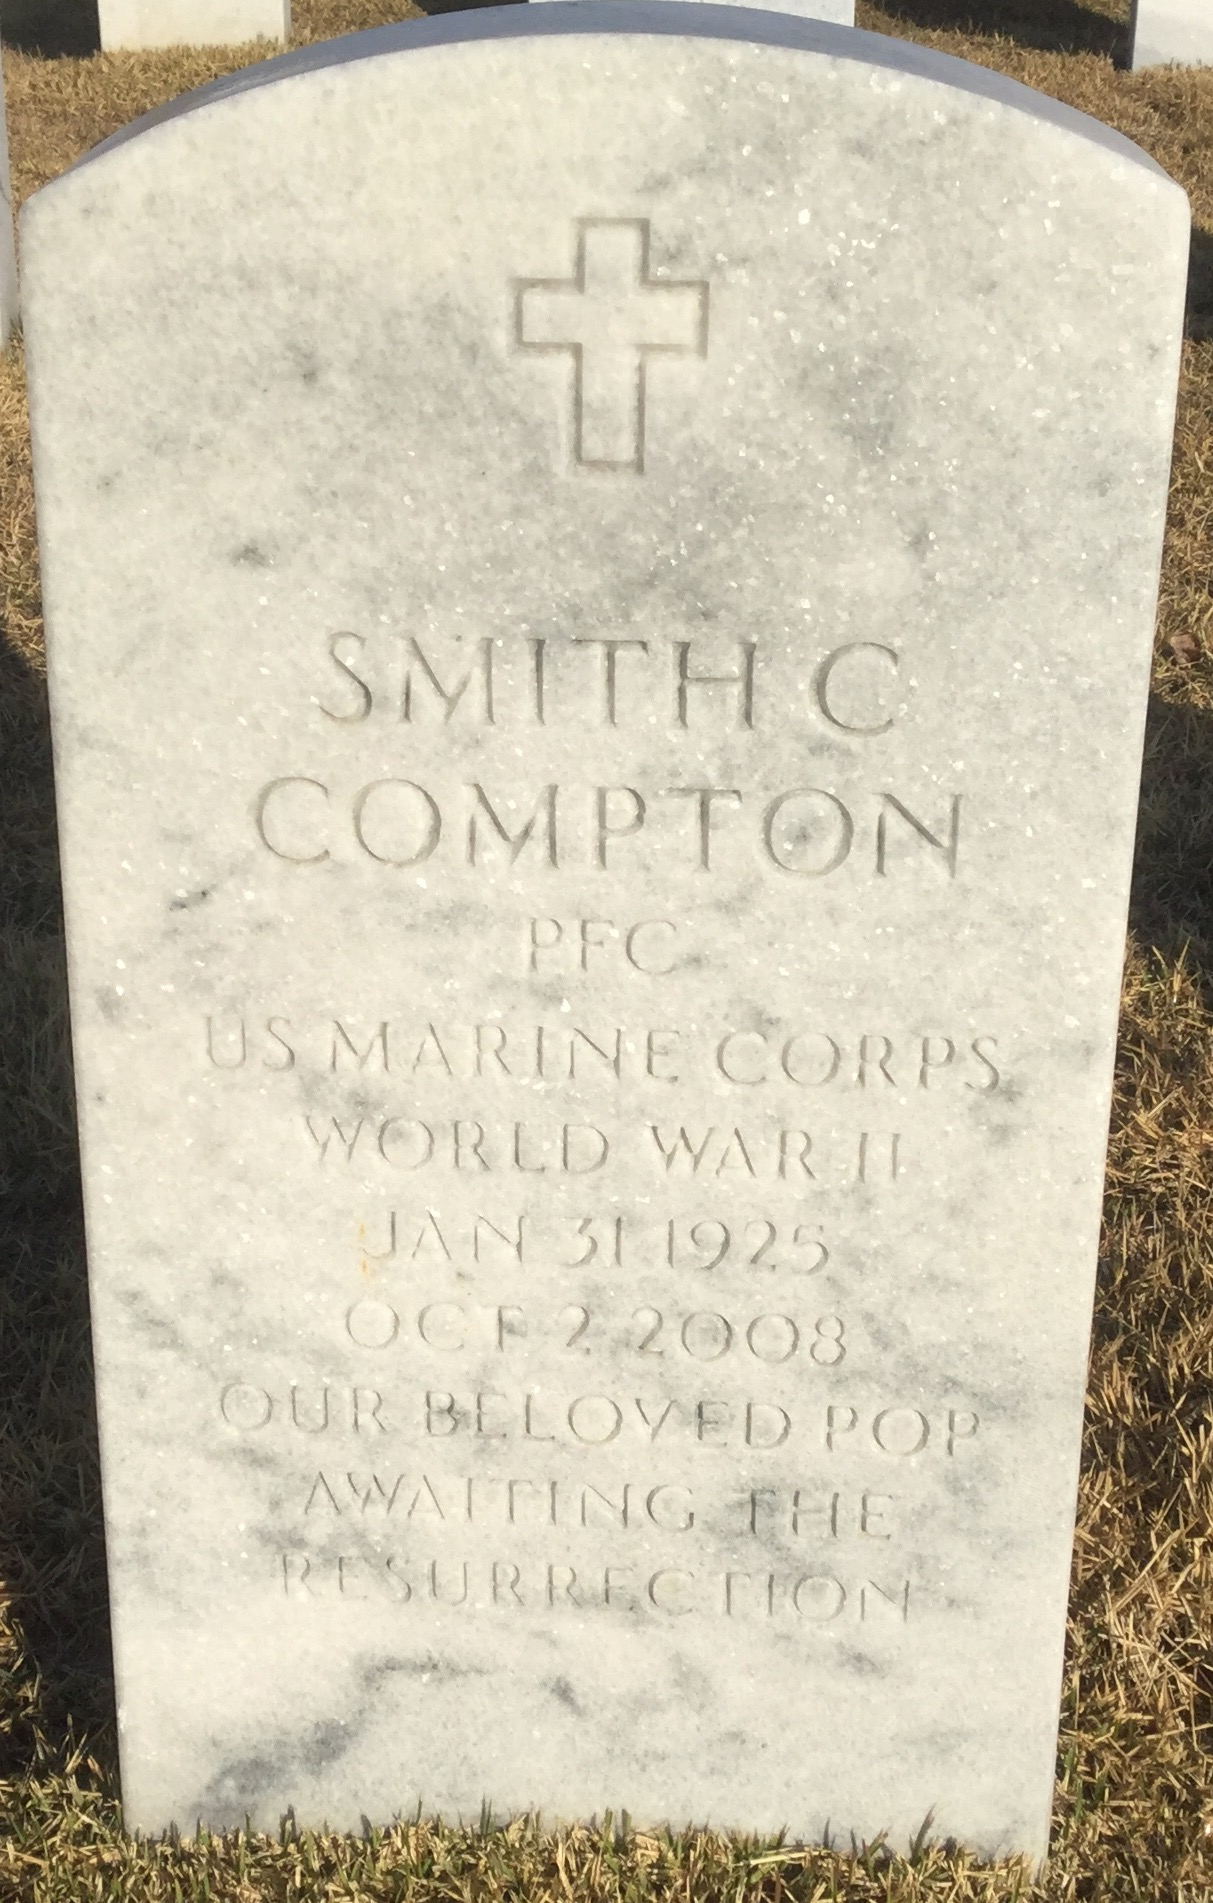 Smith Smitty Casler Compton